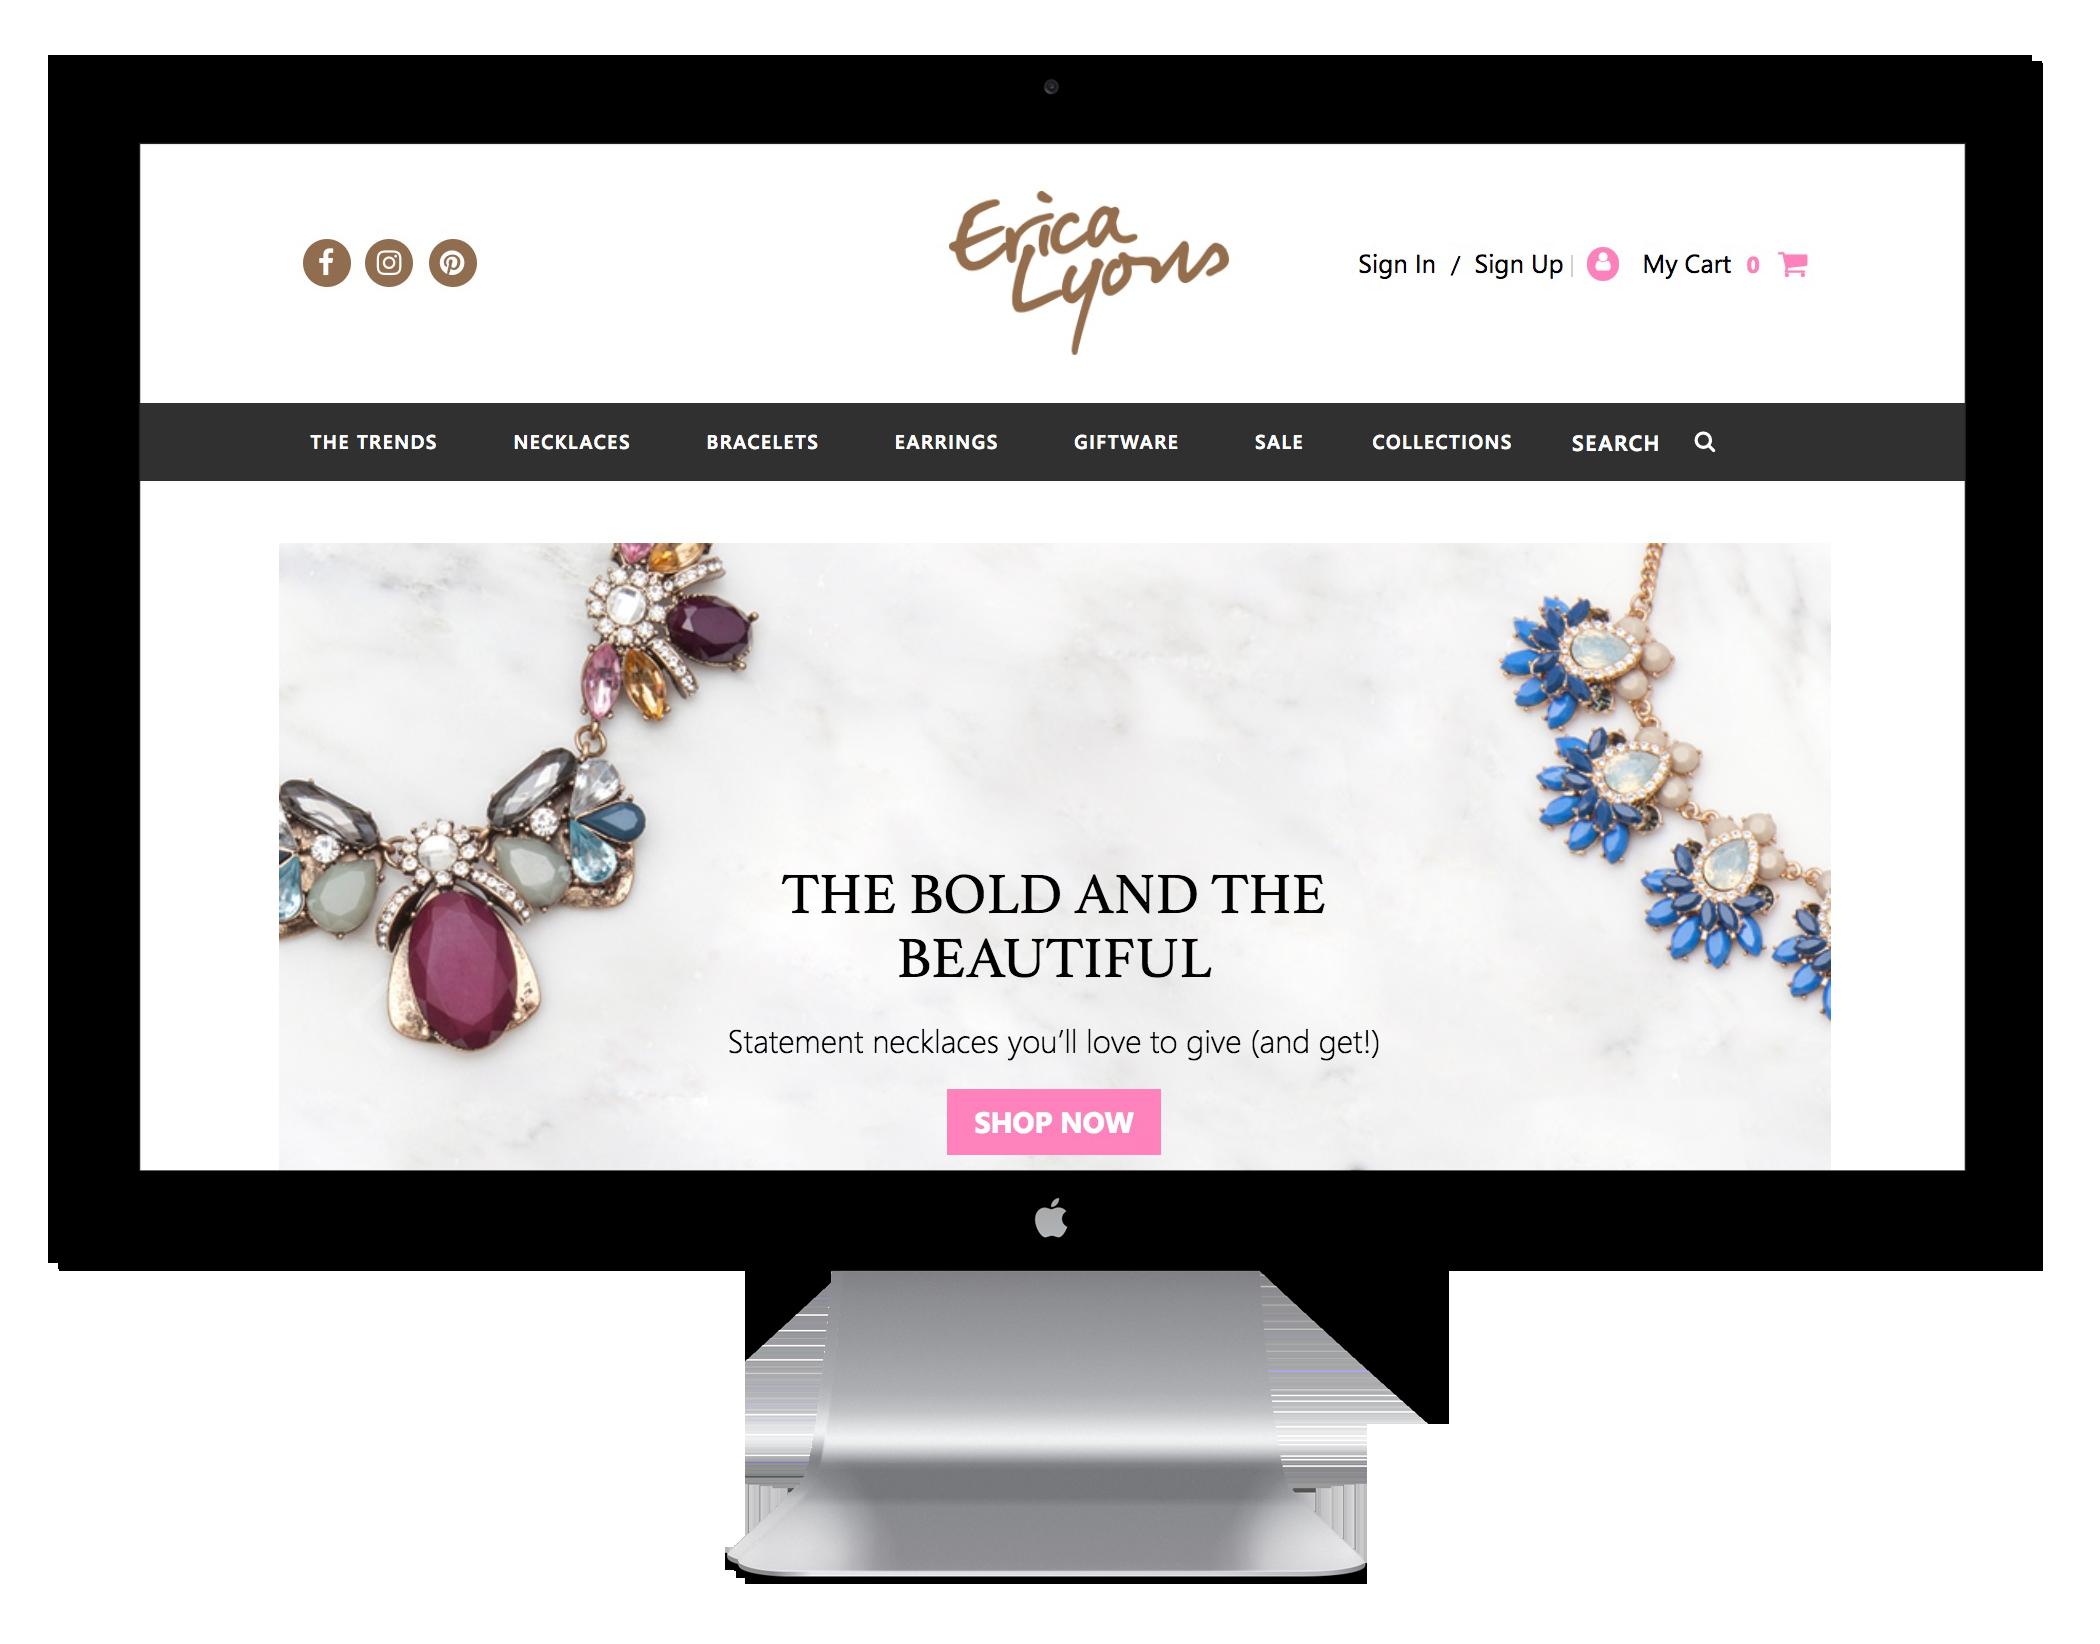 devaworks-website-design-erica-lyons.png